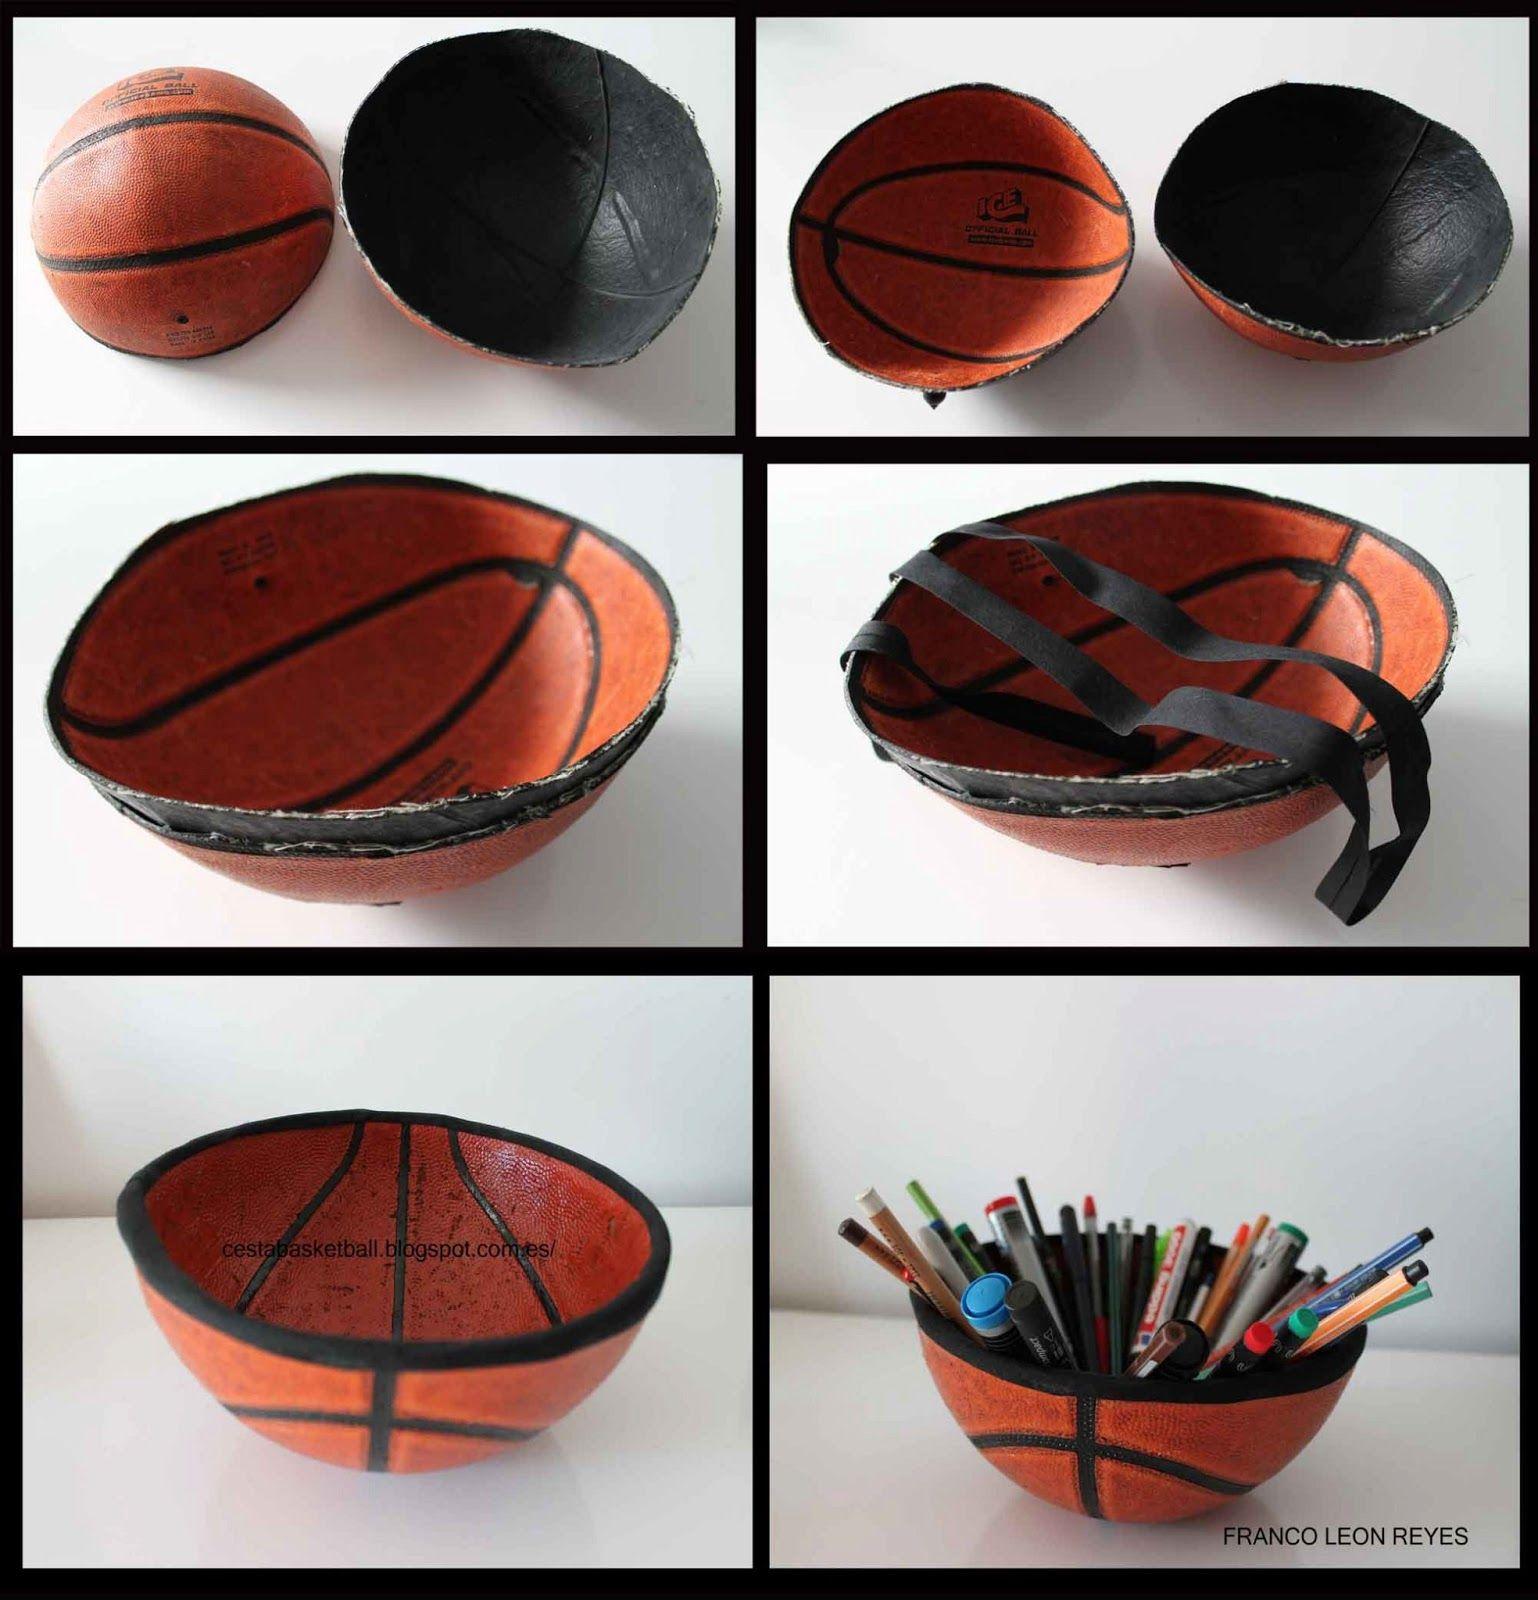 Cesta Basketball Cesta Basketball Dormitorio De Baloncesto Juegos Con Material Reciclado Manualidades